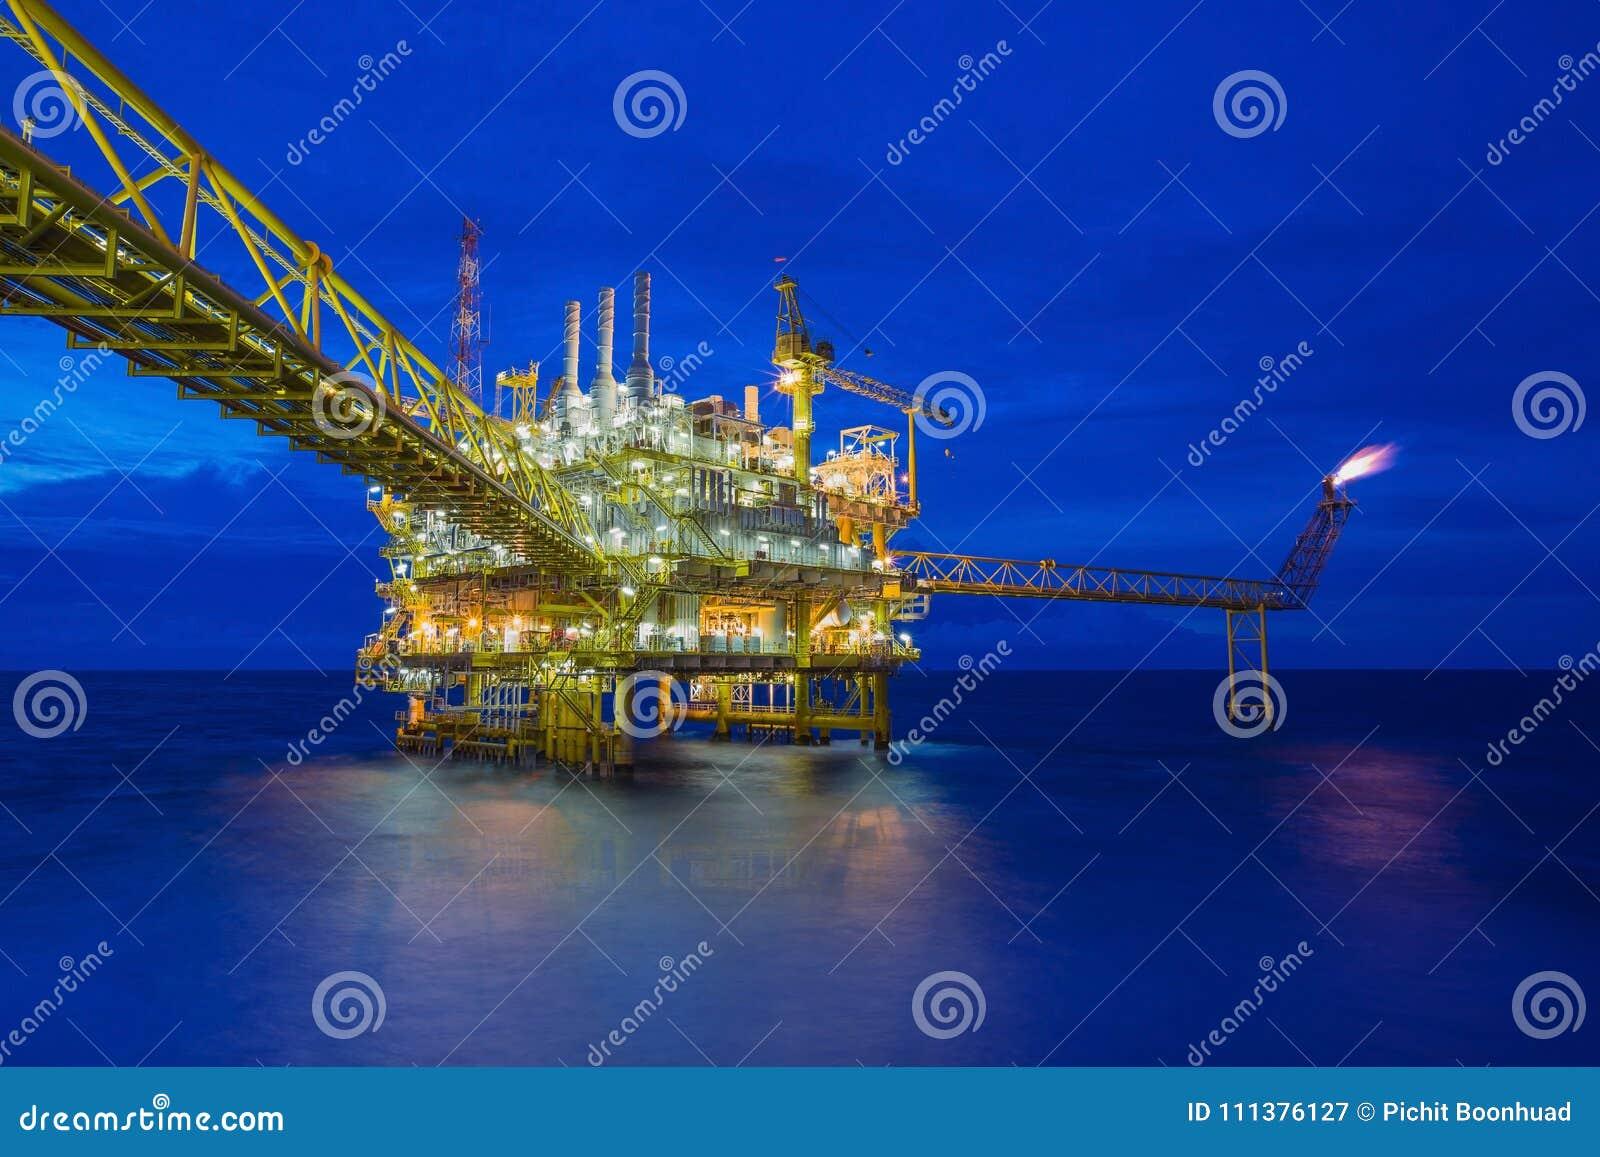 Petróleo y gas costero que procesa la plataforma, industria del petróleo y gas para tratar los gases crudos y enviado a la refine